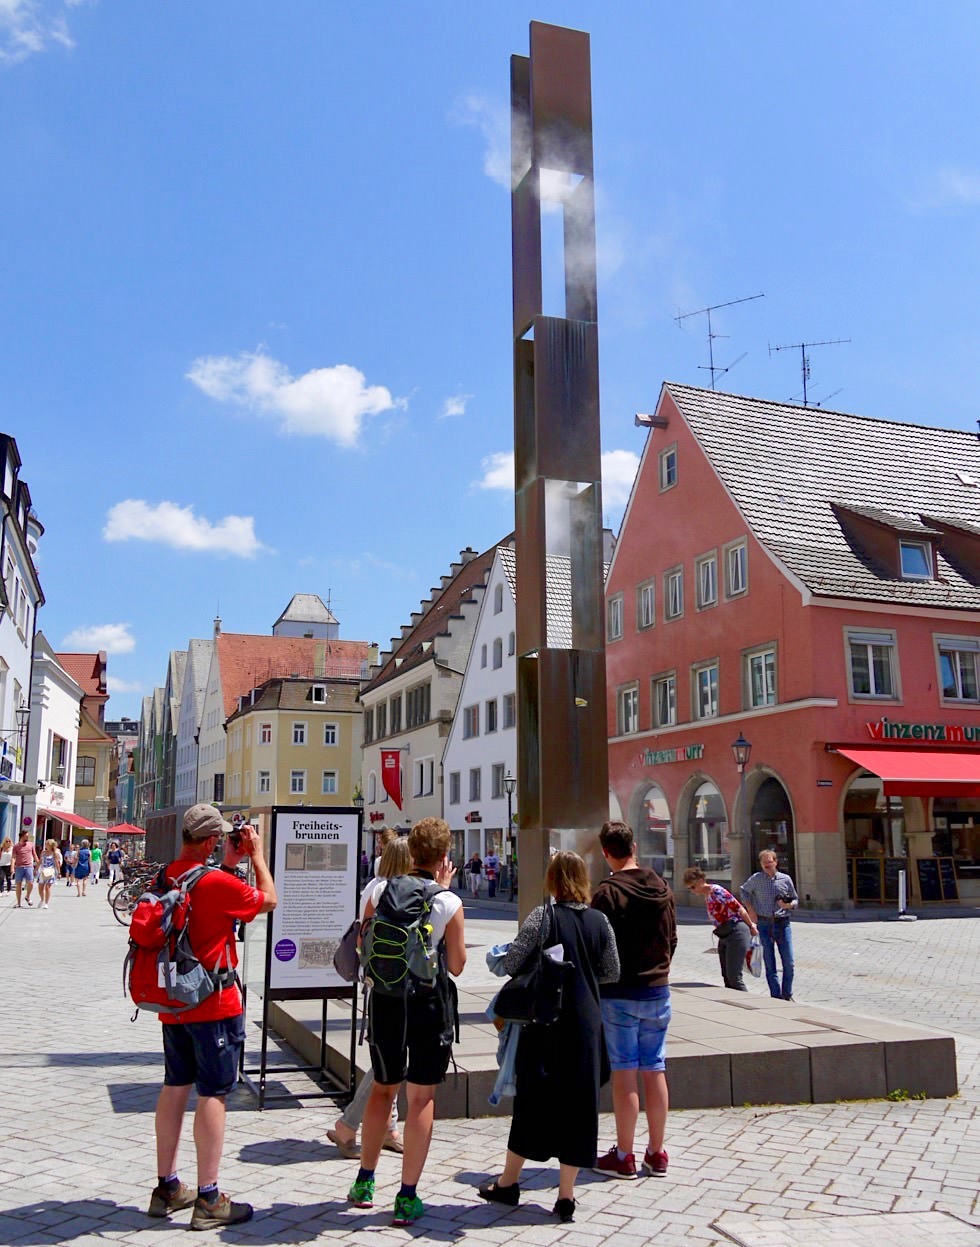 Neuer Freiheitsbrunnen: 12 Tafeln entsprechen den 12 Artikeln - Memmingen - Allgäu - Bayern